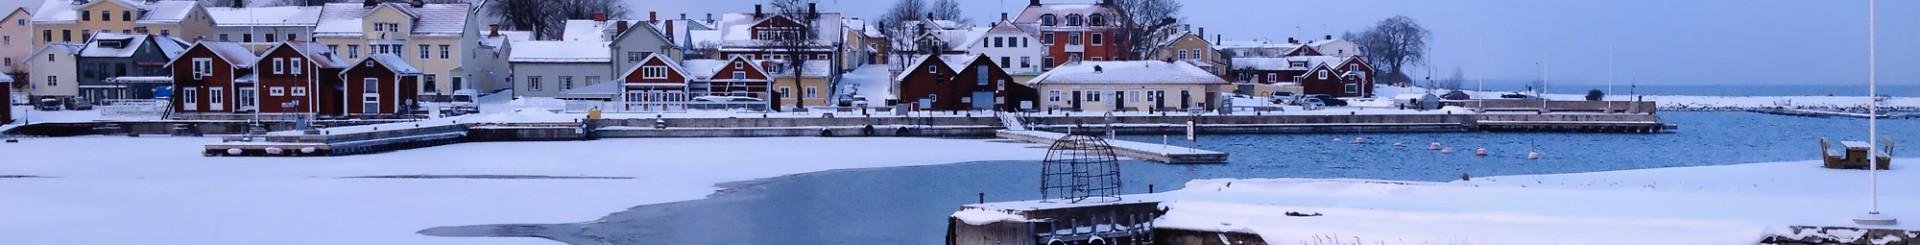 Voyage en Suède